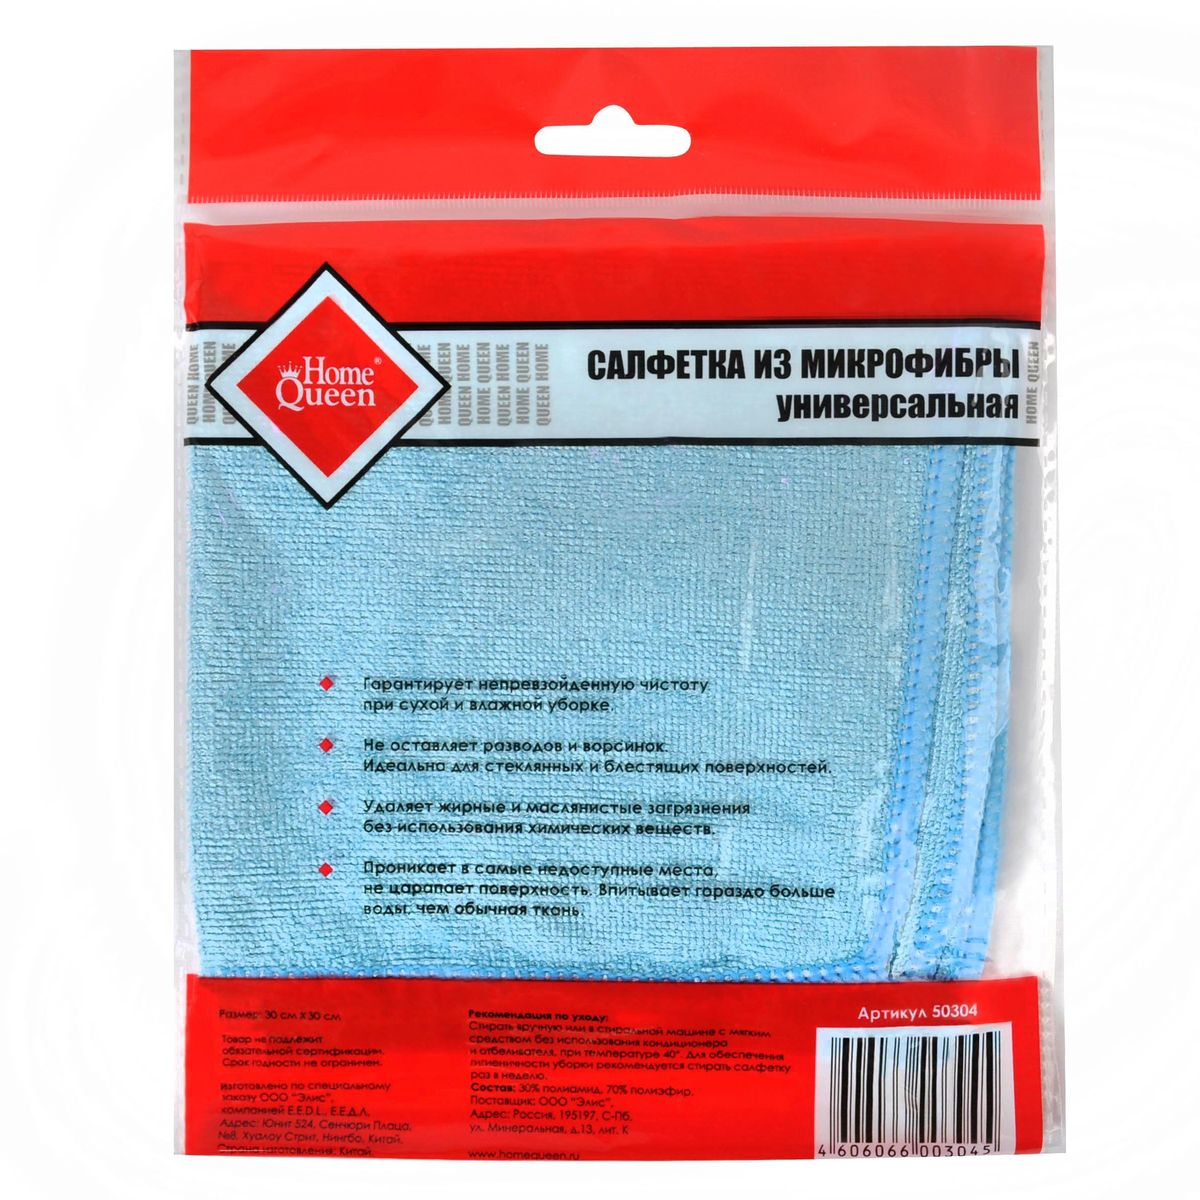 Салфетка для уборки Home Queen, цвет: голубой, 30 х 30 смK100Салфетка Home Queen, изготовленная из полиамида и полиэфира, предназначена для очищения загрязнений на любых поверхностях. Изделие обладает высокой износоустойчивостью и рассчитано на многократное использование, легко моется в теплой воде с мягкими чистящими средствами. Супервпитывающая салфетка не оставляет разводов и ворсинок, идеальна для стеклянных и блестящих поверхностей, удаляет большинство жирных и маслянистых загрязнений без использования химических средств. Не царапает поверхность и впитывает гораздо больше воды, чем обычная ткань. Подходит для сухой и влажной уборки. Материал: 30% полиамид, 70% полиэфир.